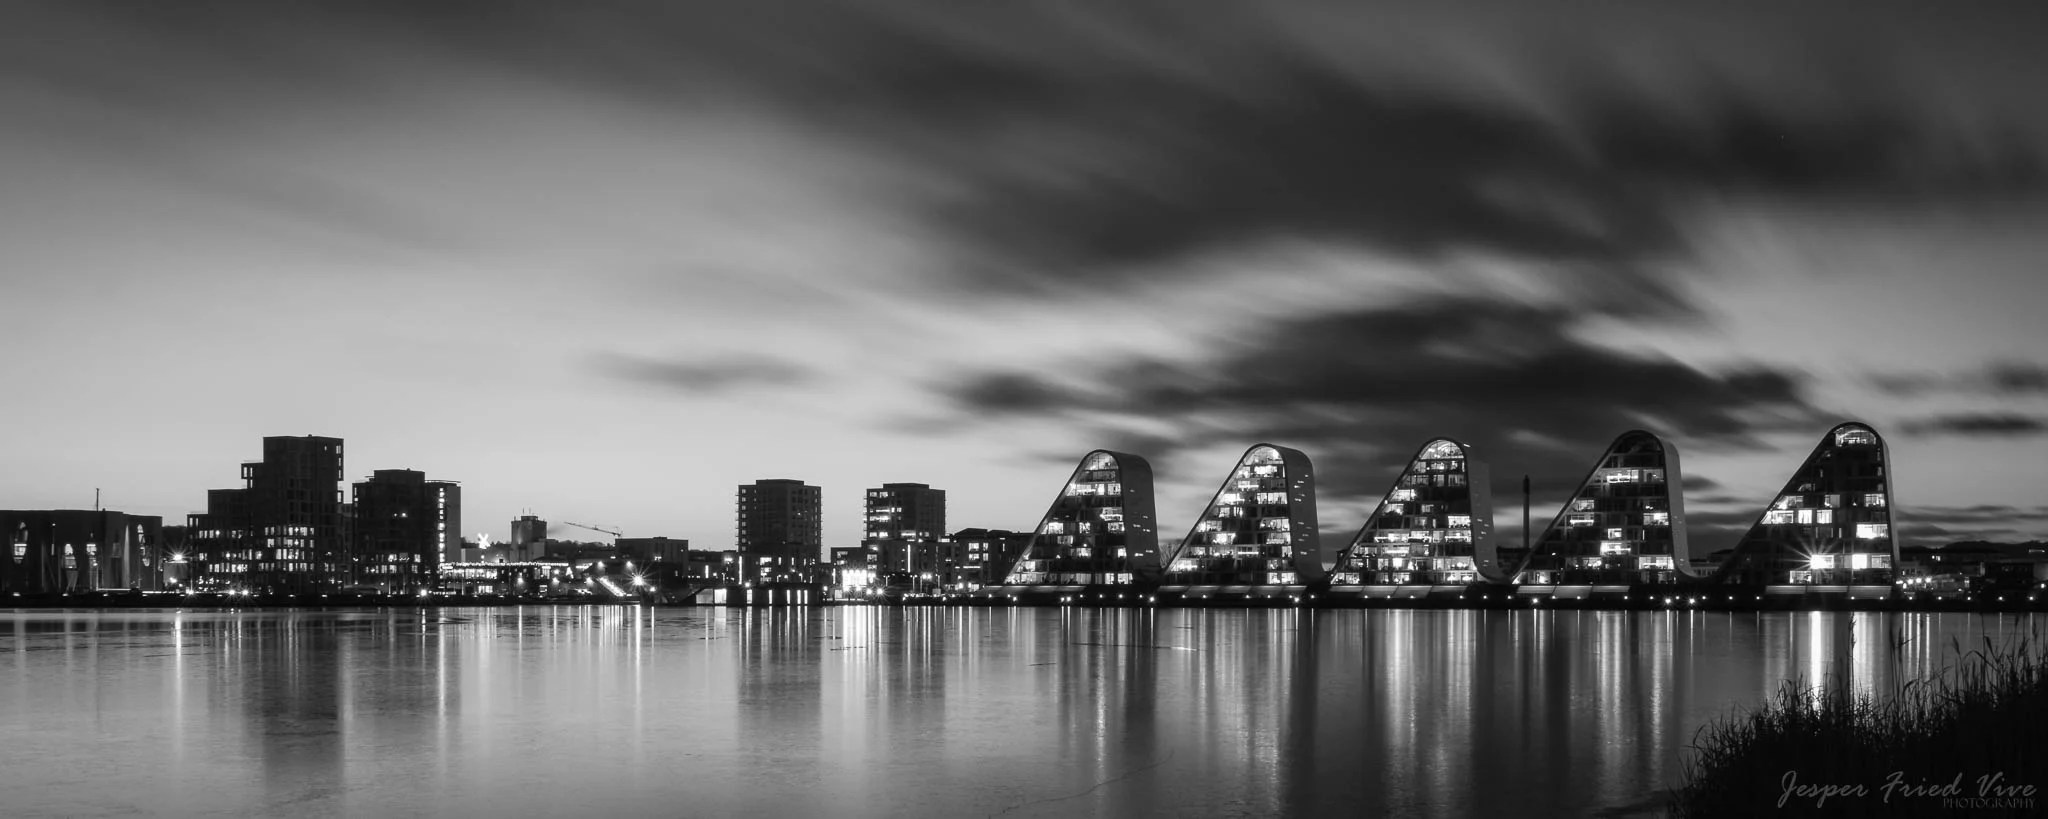 Bølgen i Vejle. Billede taget af fotograf Jesper Fried Vive, Odense